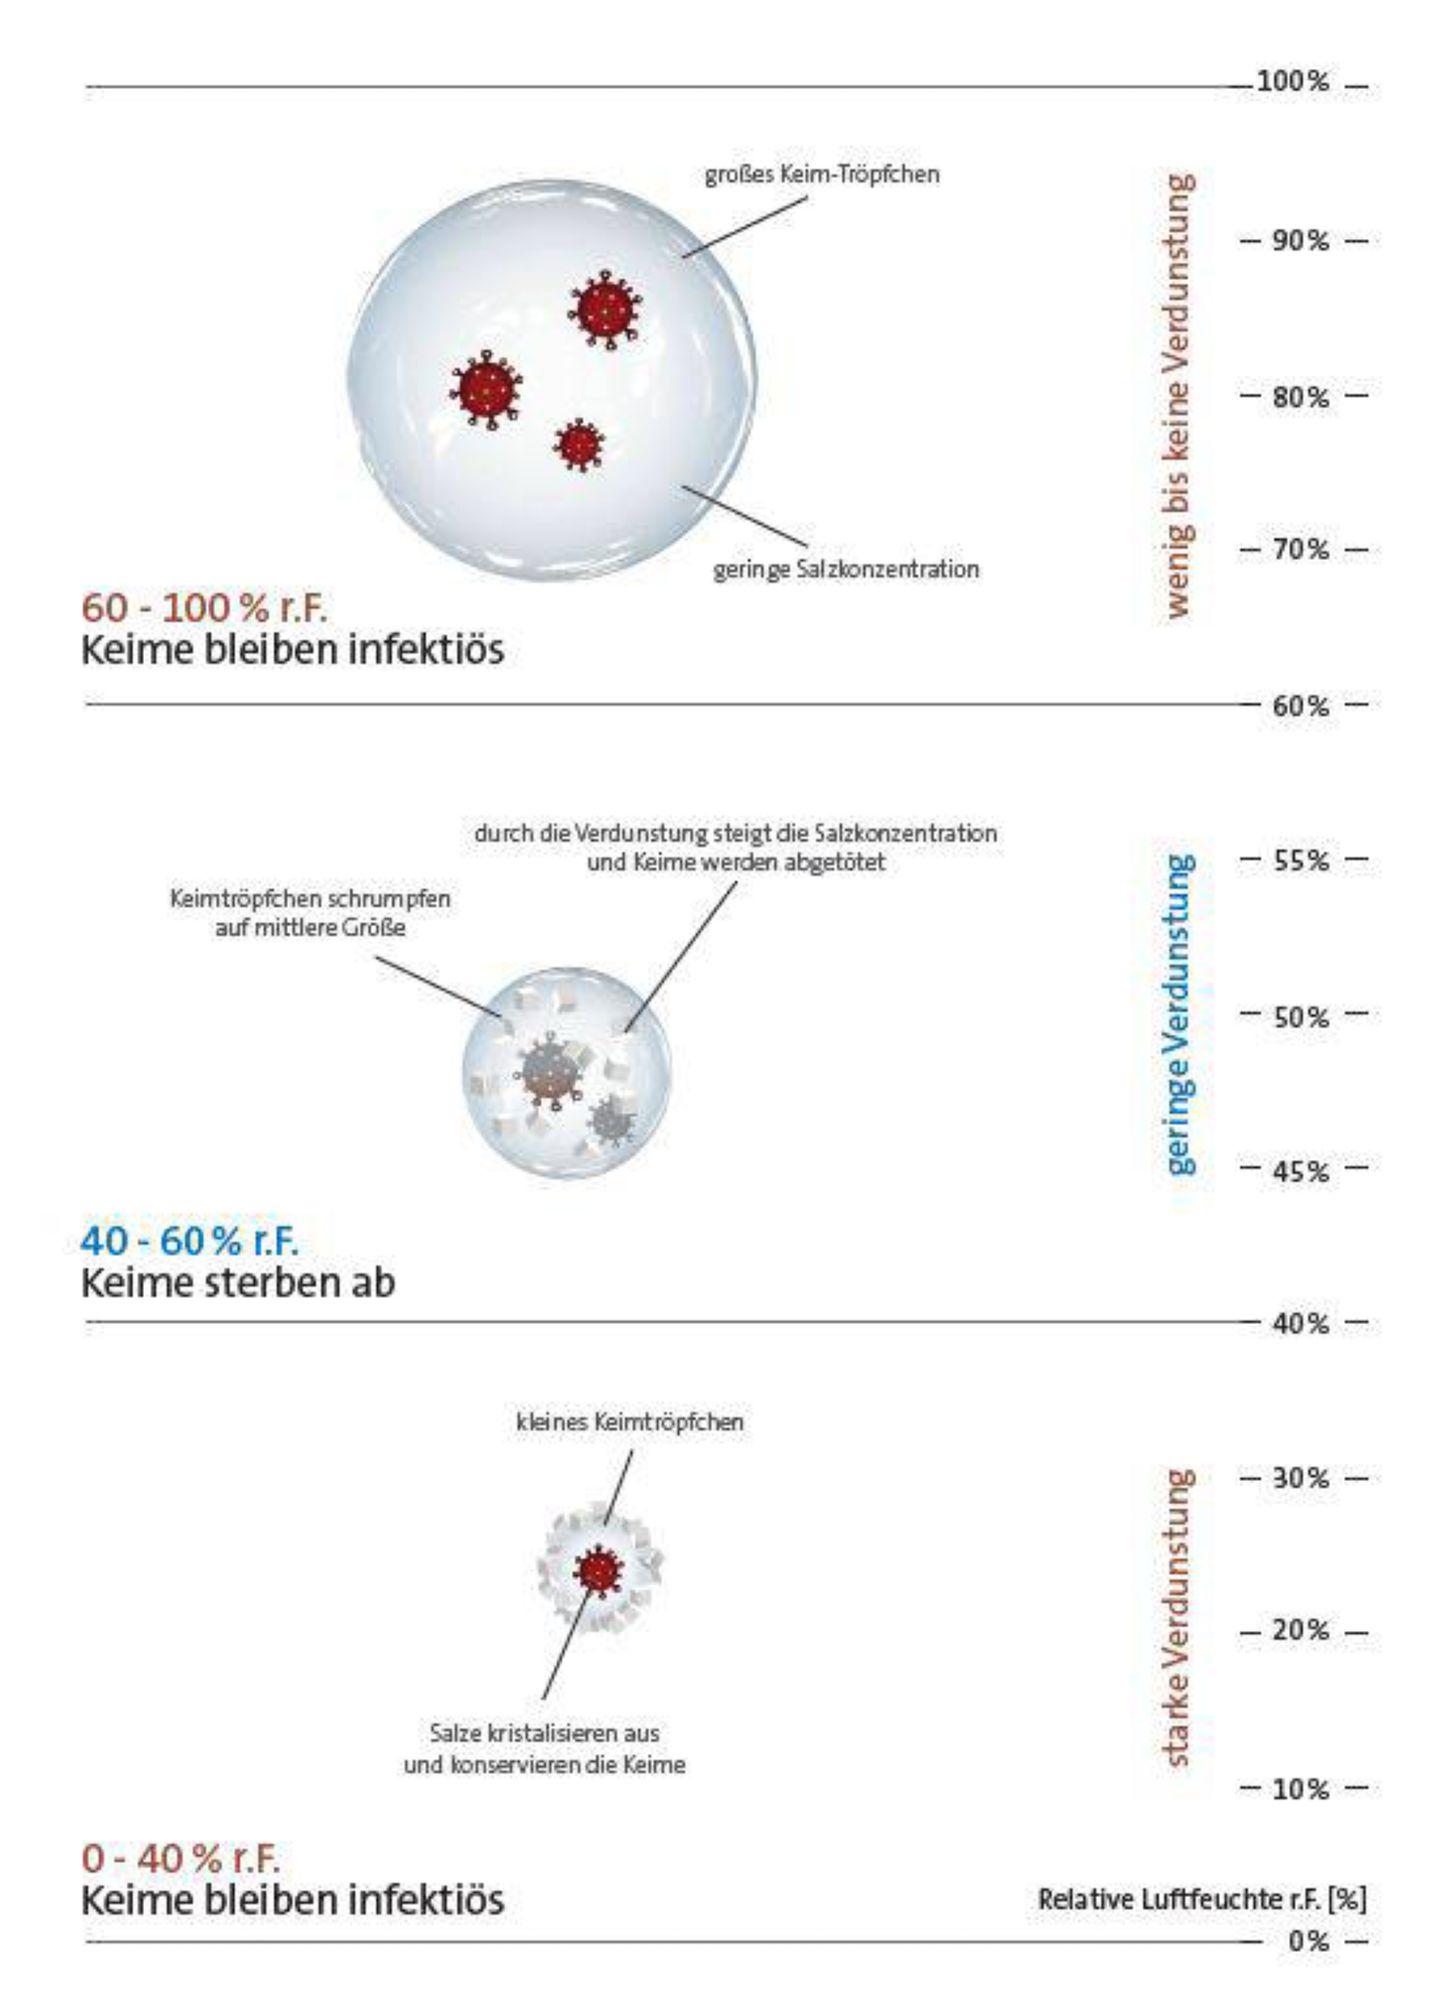 physik-der-keimtroepchechen-grafik-condair-gmbh.JPG